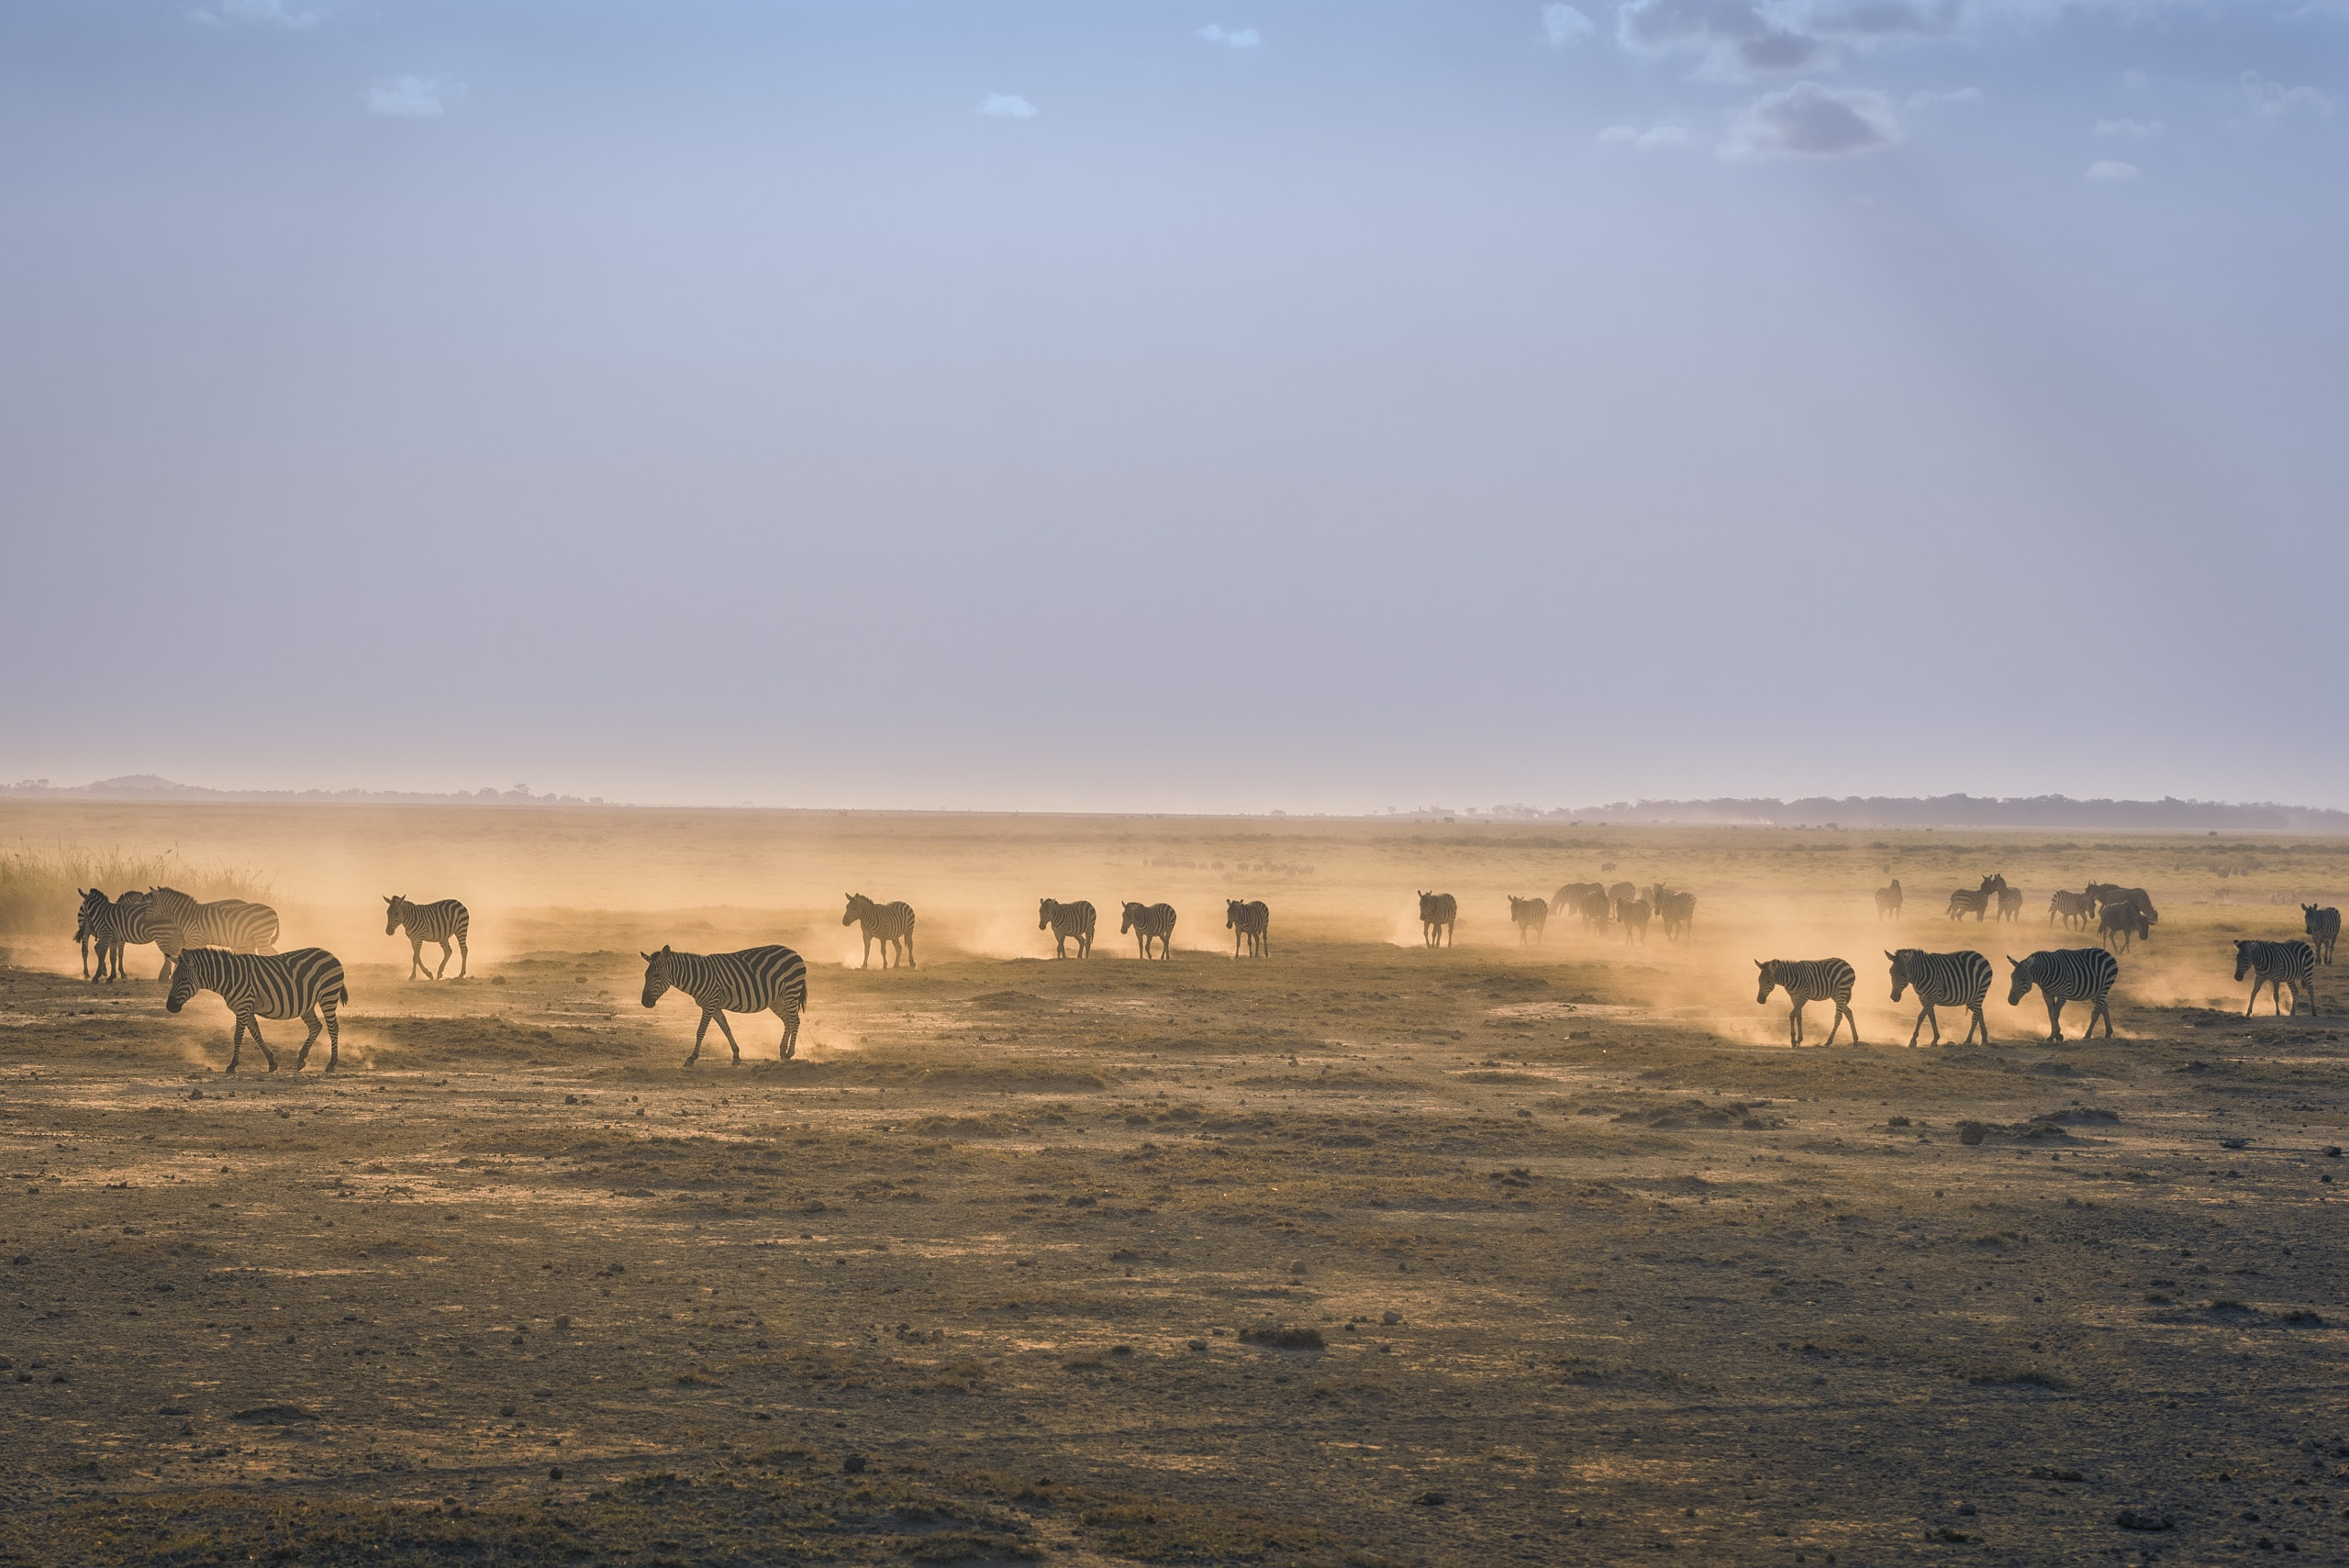 Zebras walk through the desert sands of Amboseli National Park